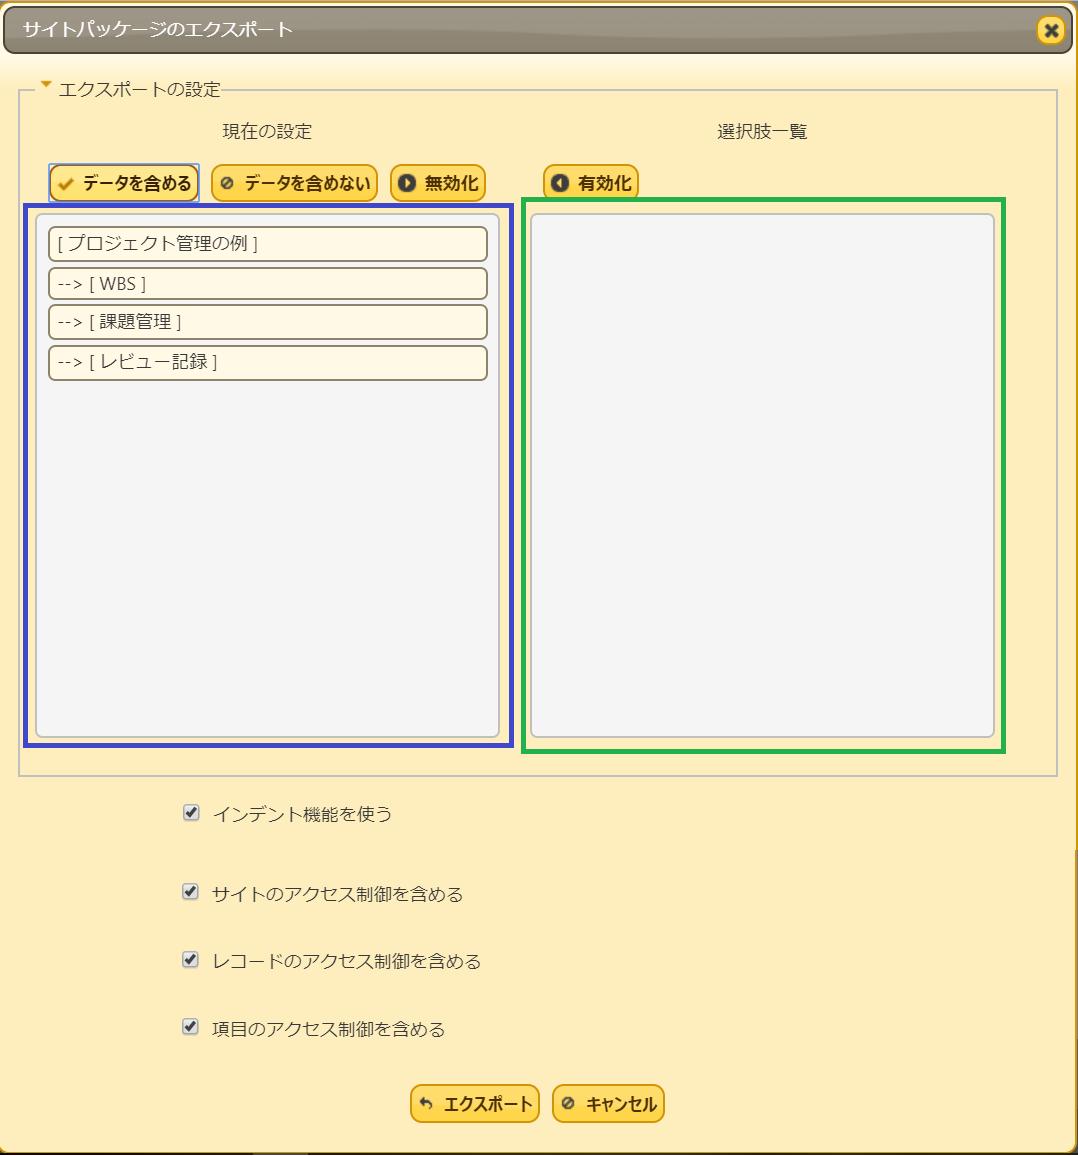 f:id:h-ogawa-reedex-co-jp:20191218210600p:plain